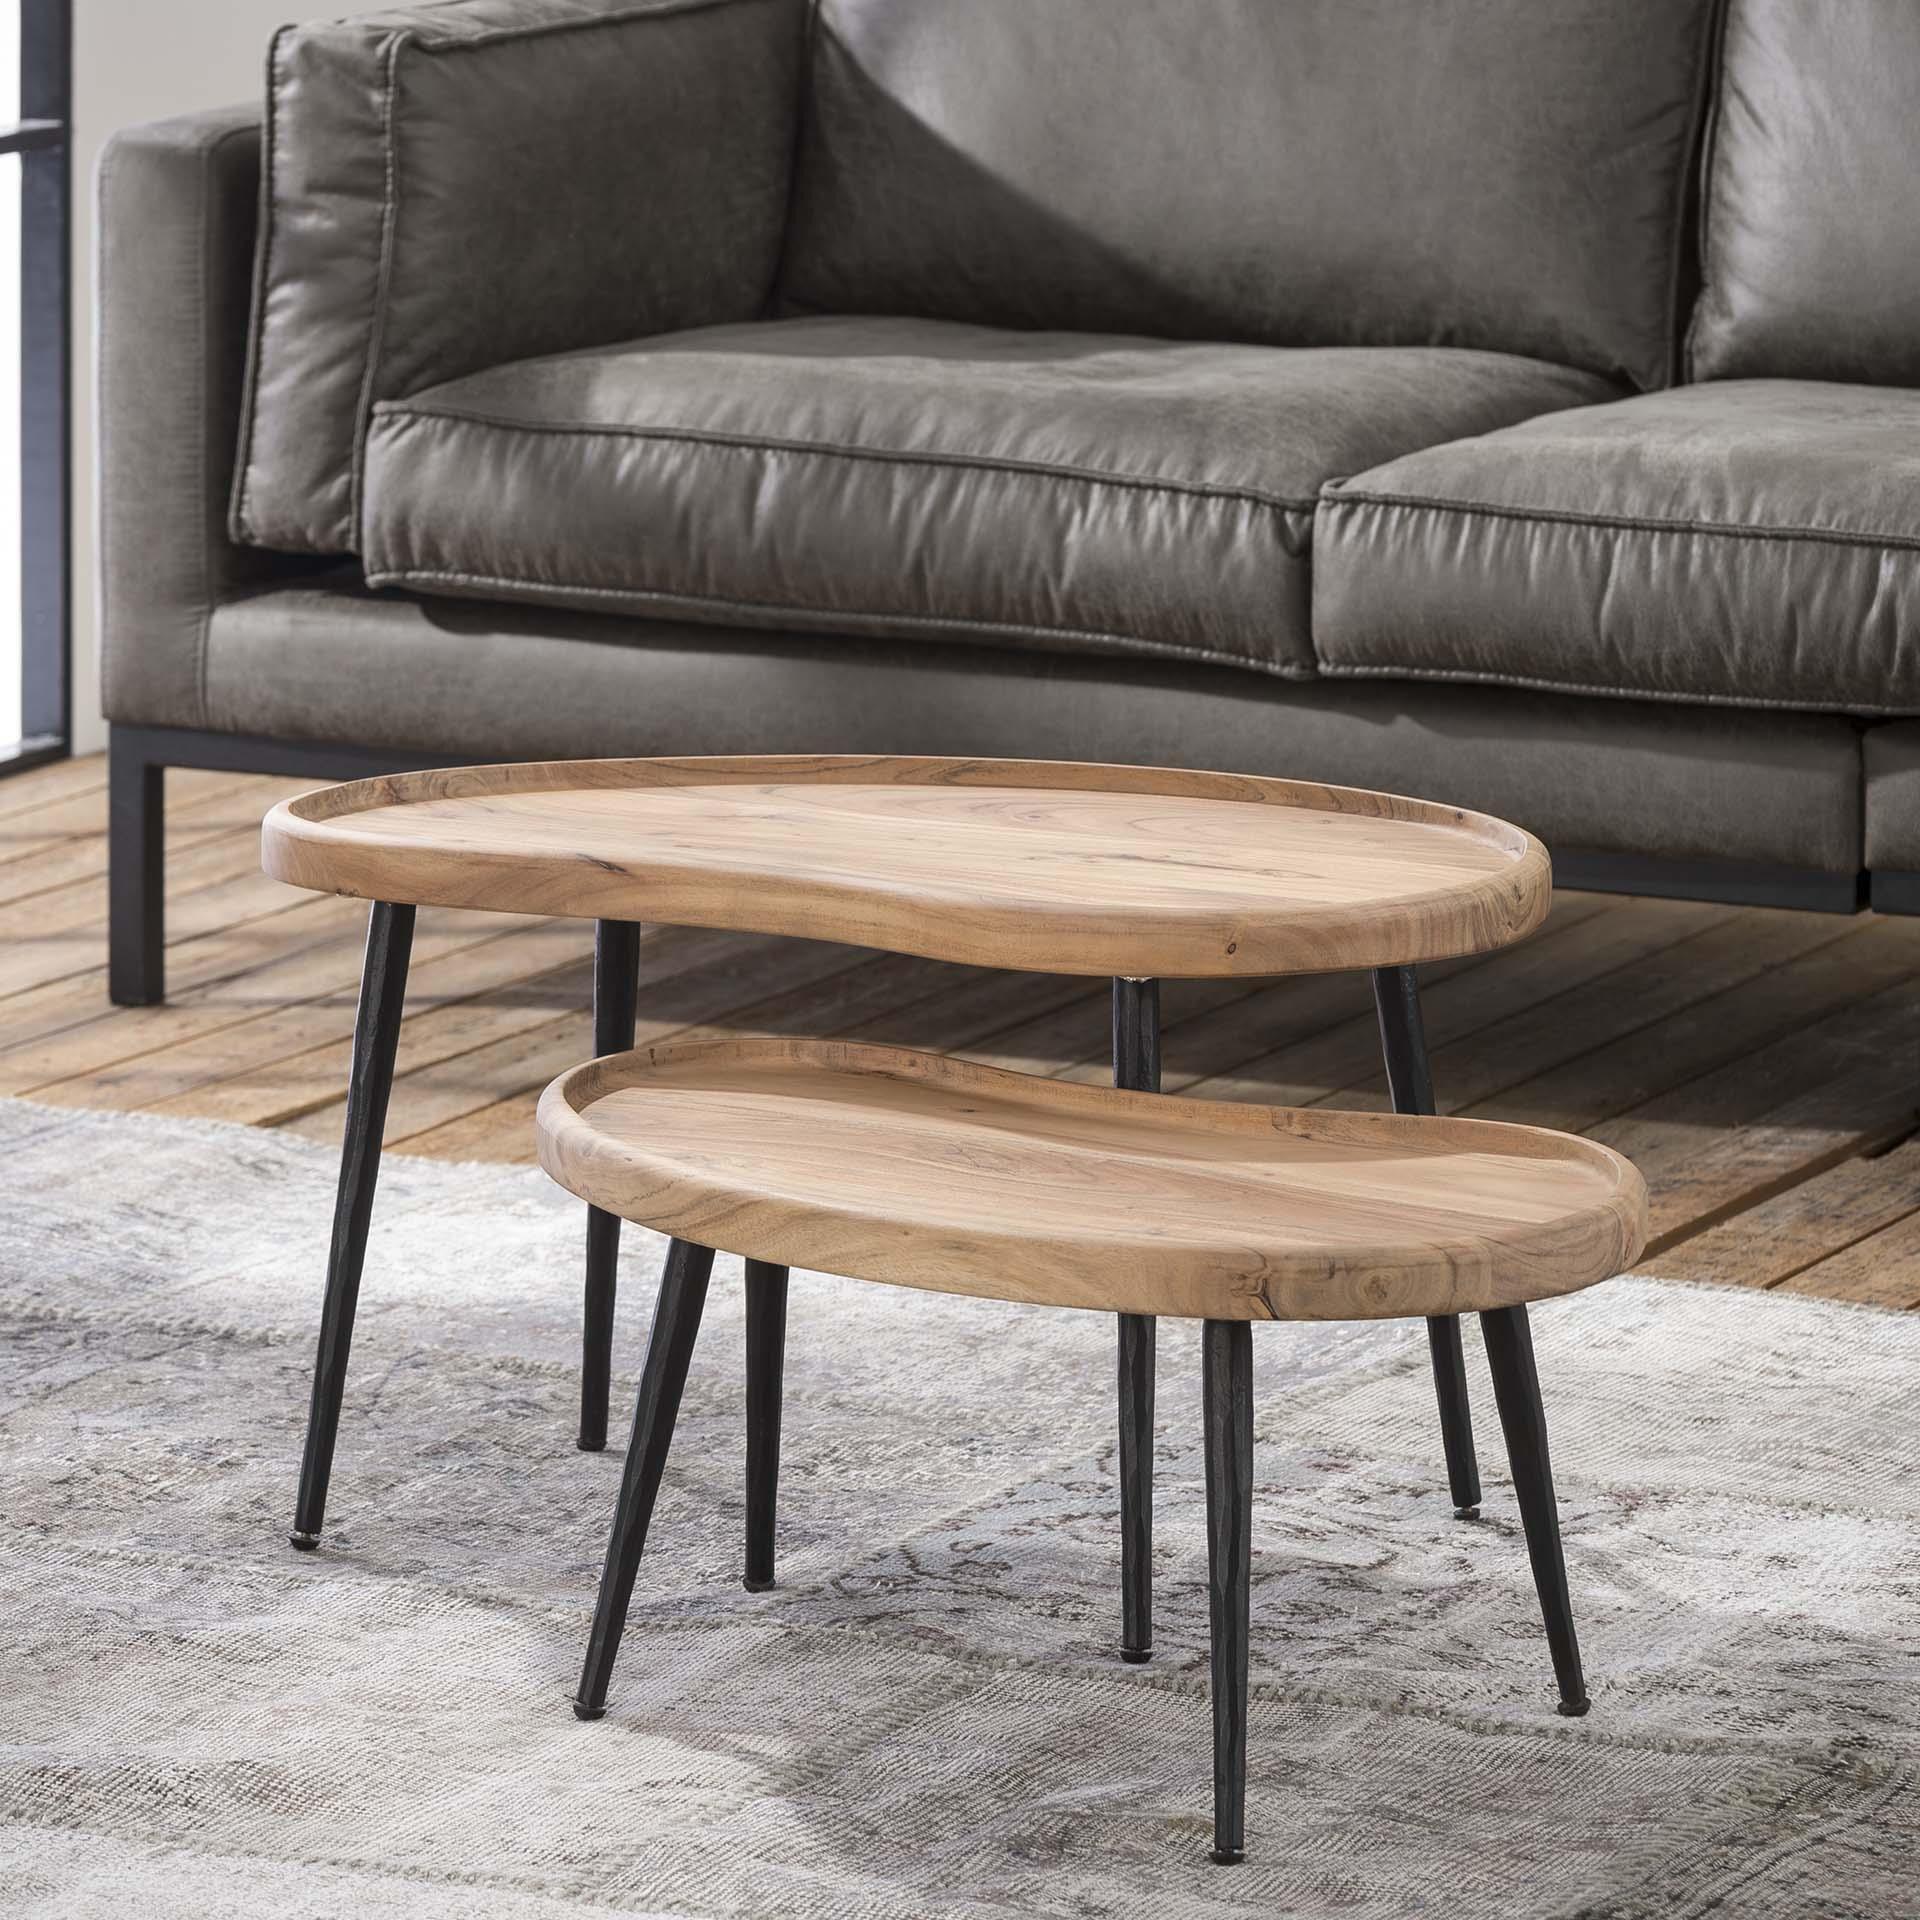 Salontafel 'Paul' set van 2 stuks Tafels | Salontafels vergelijken doe je het voordeligst hier bij Meubelpartner